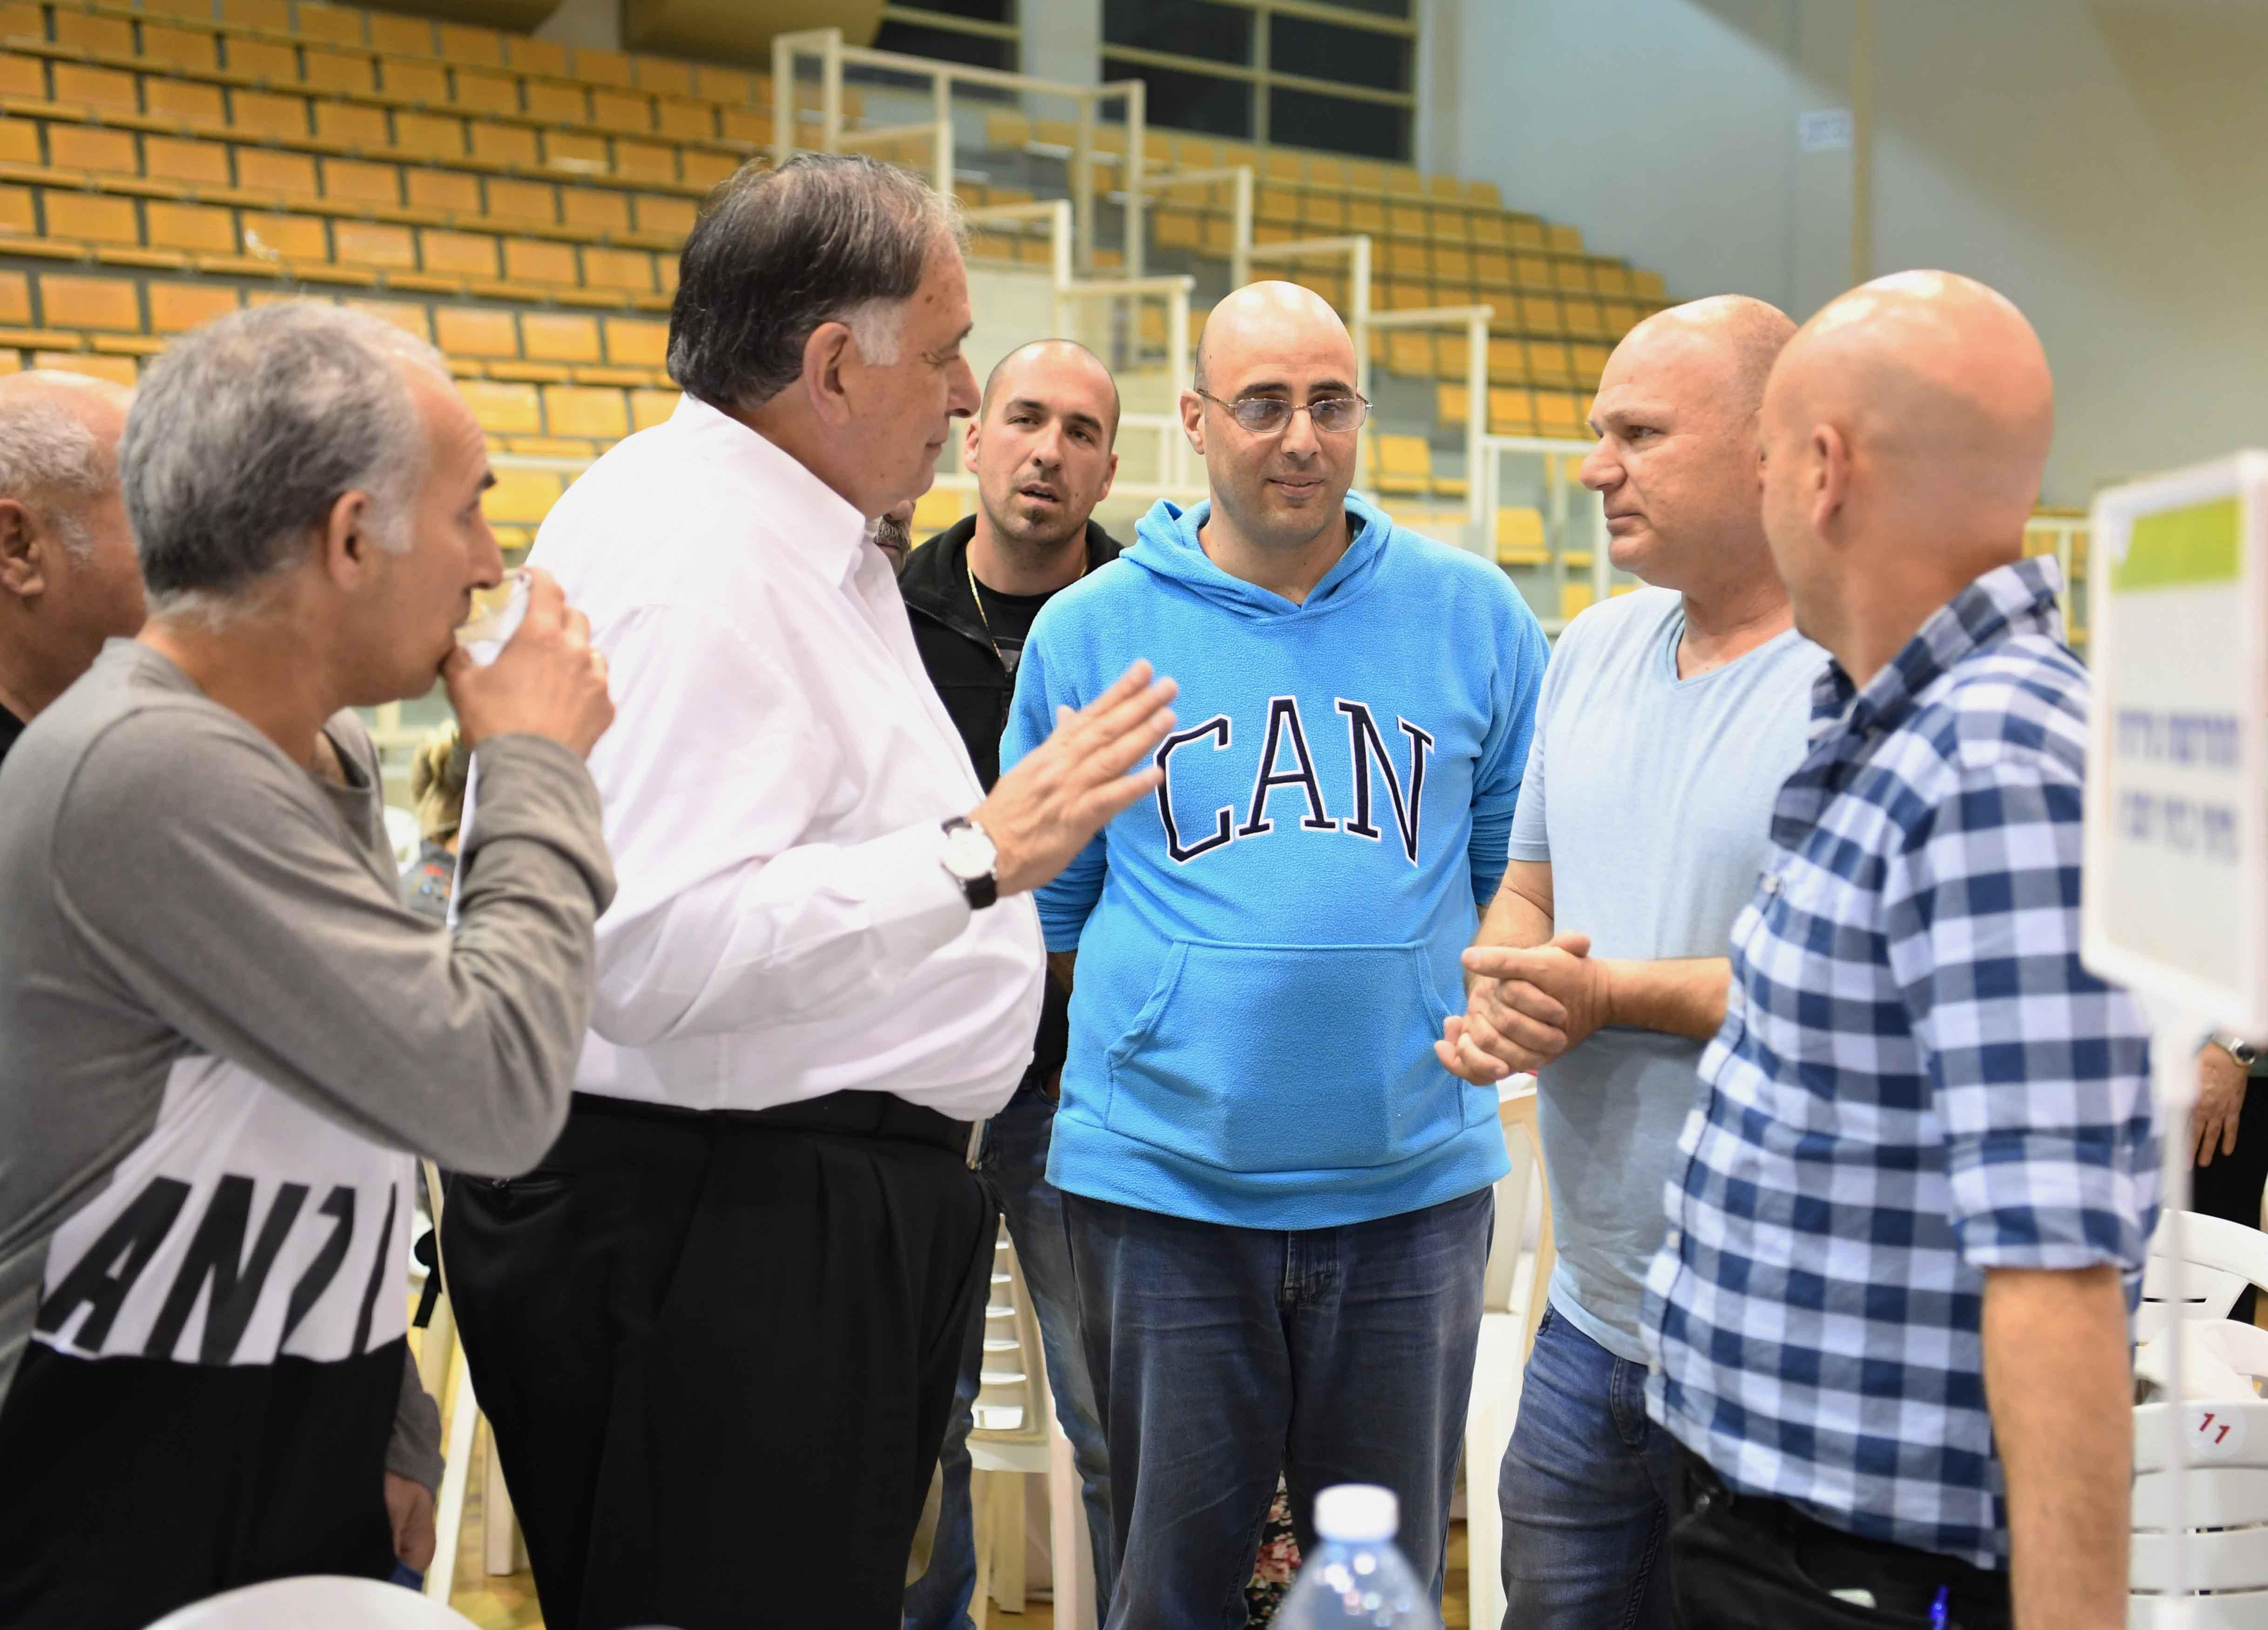 יונה יהב במפגש עם התושבים (צילום: ראובן כהן, דוברות עיריית חיפה)